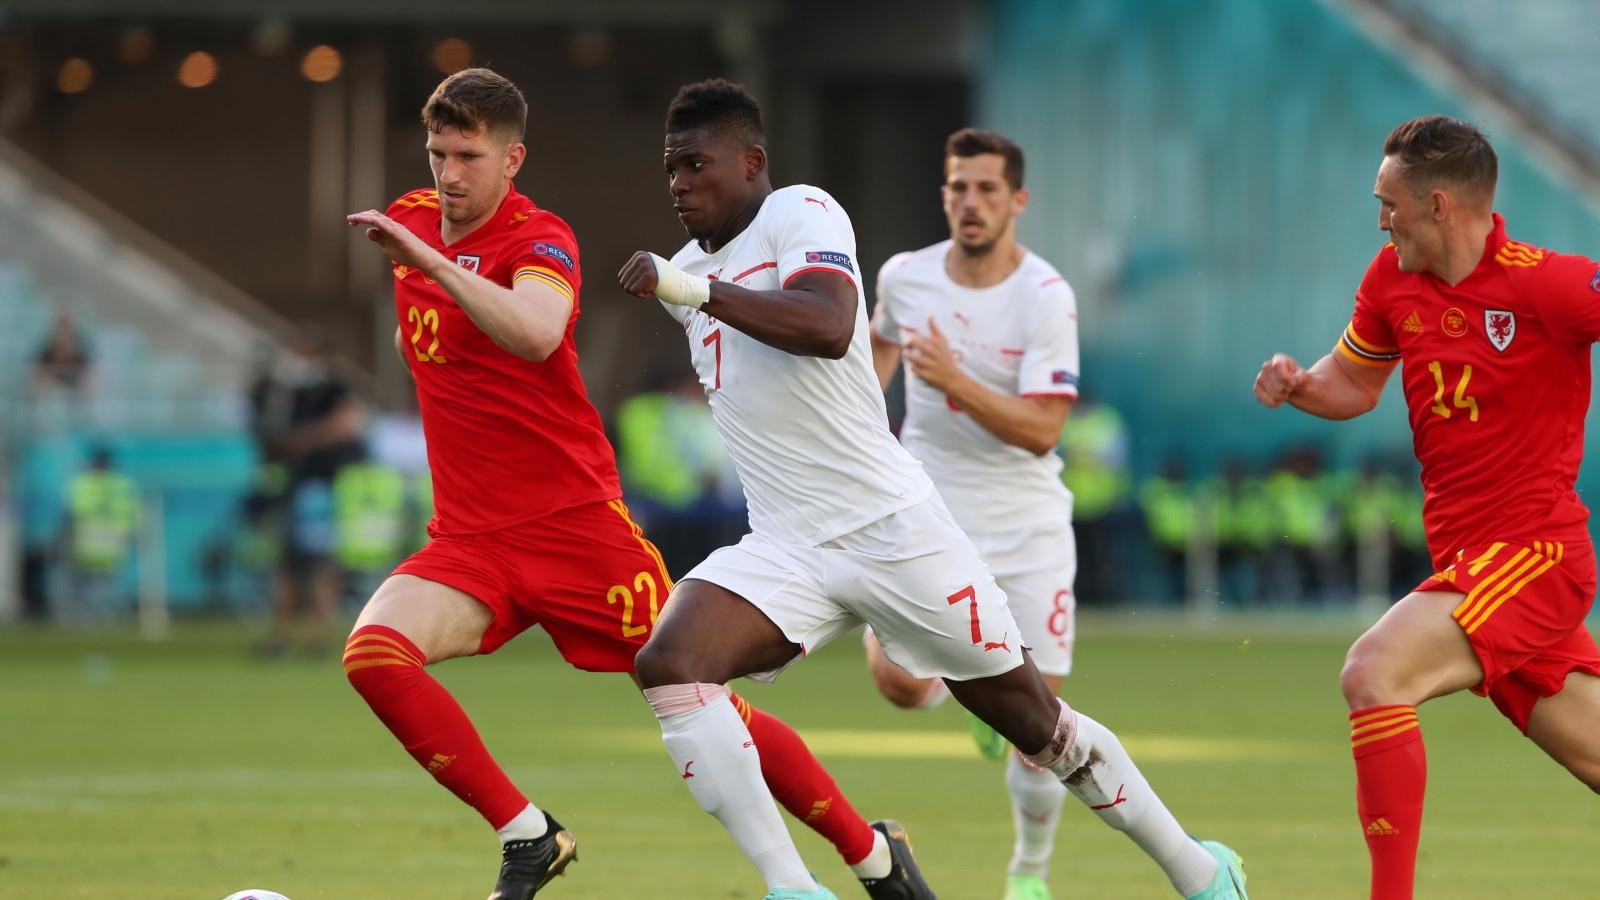 Trực tiếp Xứ Wales 1-1 Thụy Sĩ: Kieffer Moore ghi bàn đẹp mắt